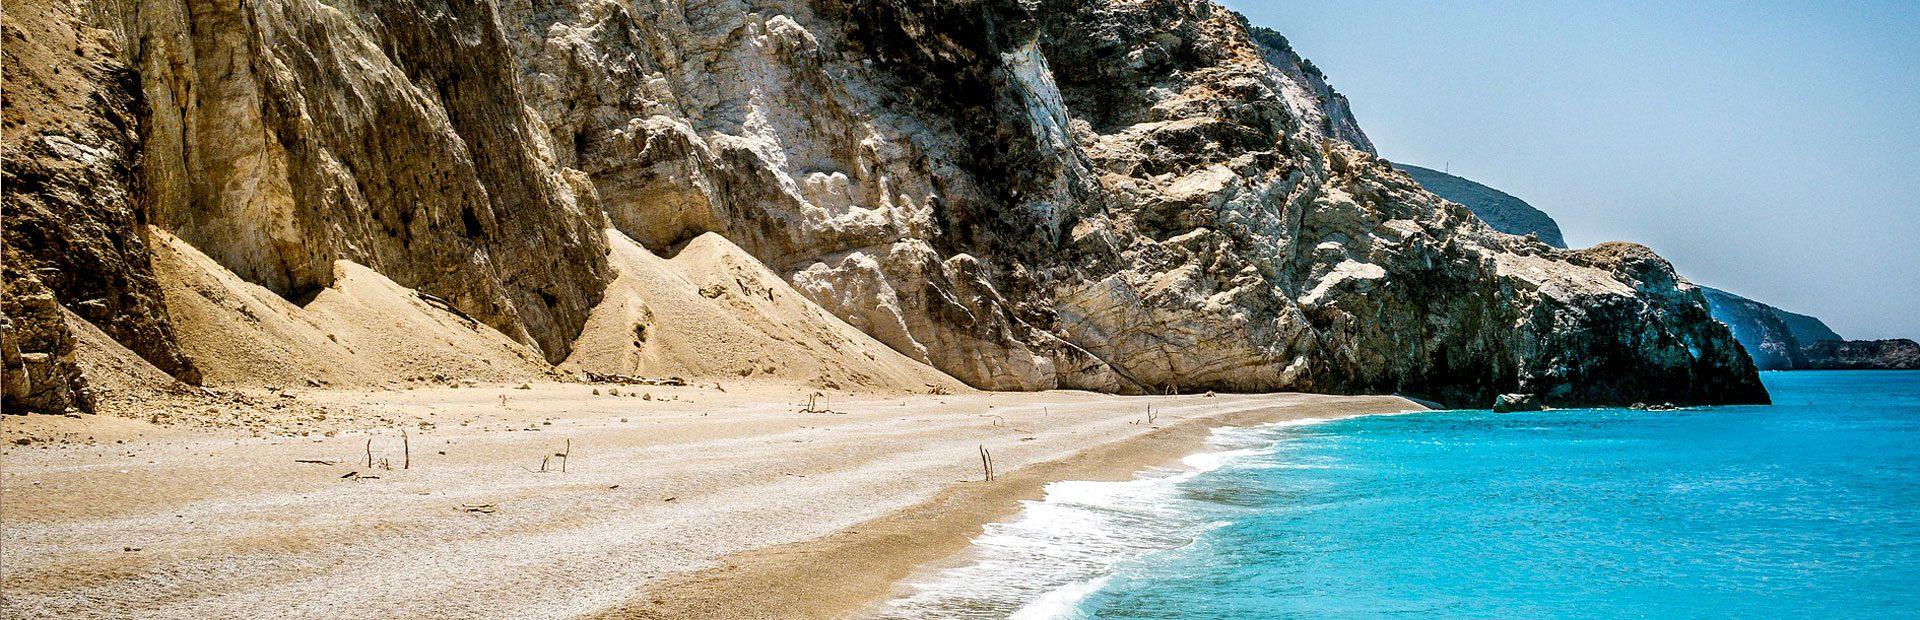 Ionische Inseln Urlaub mit Inselhopping